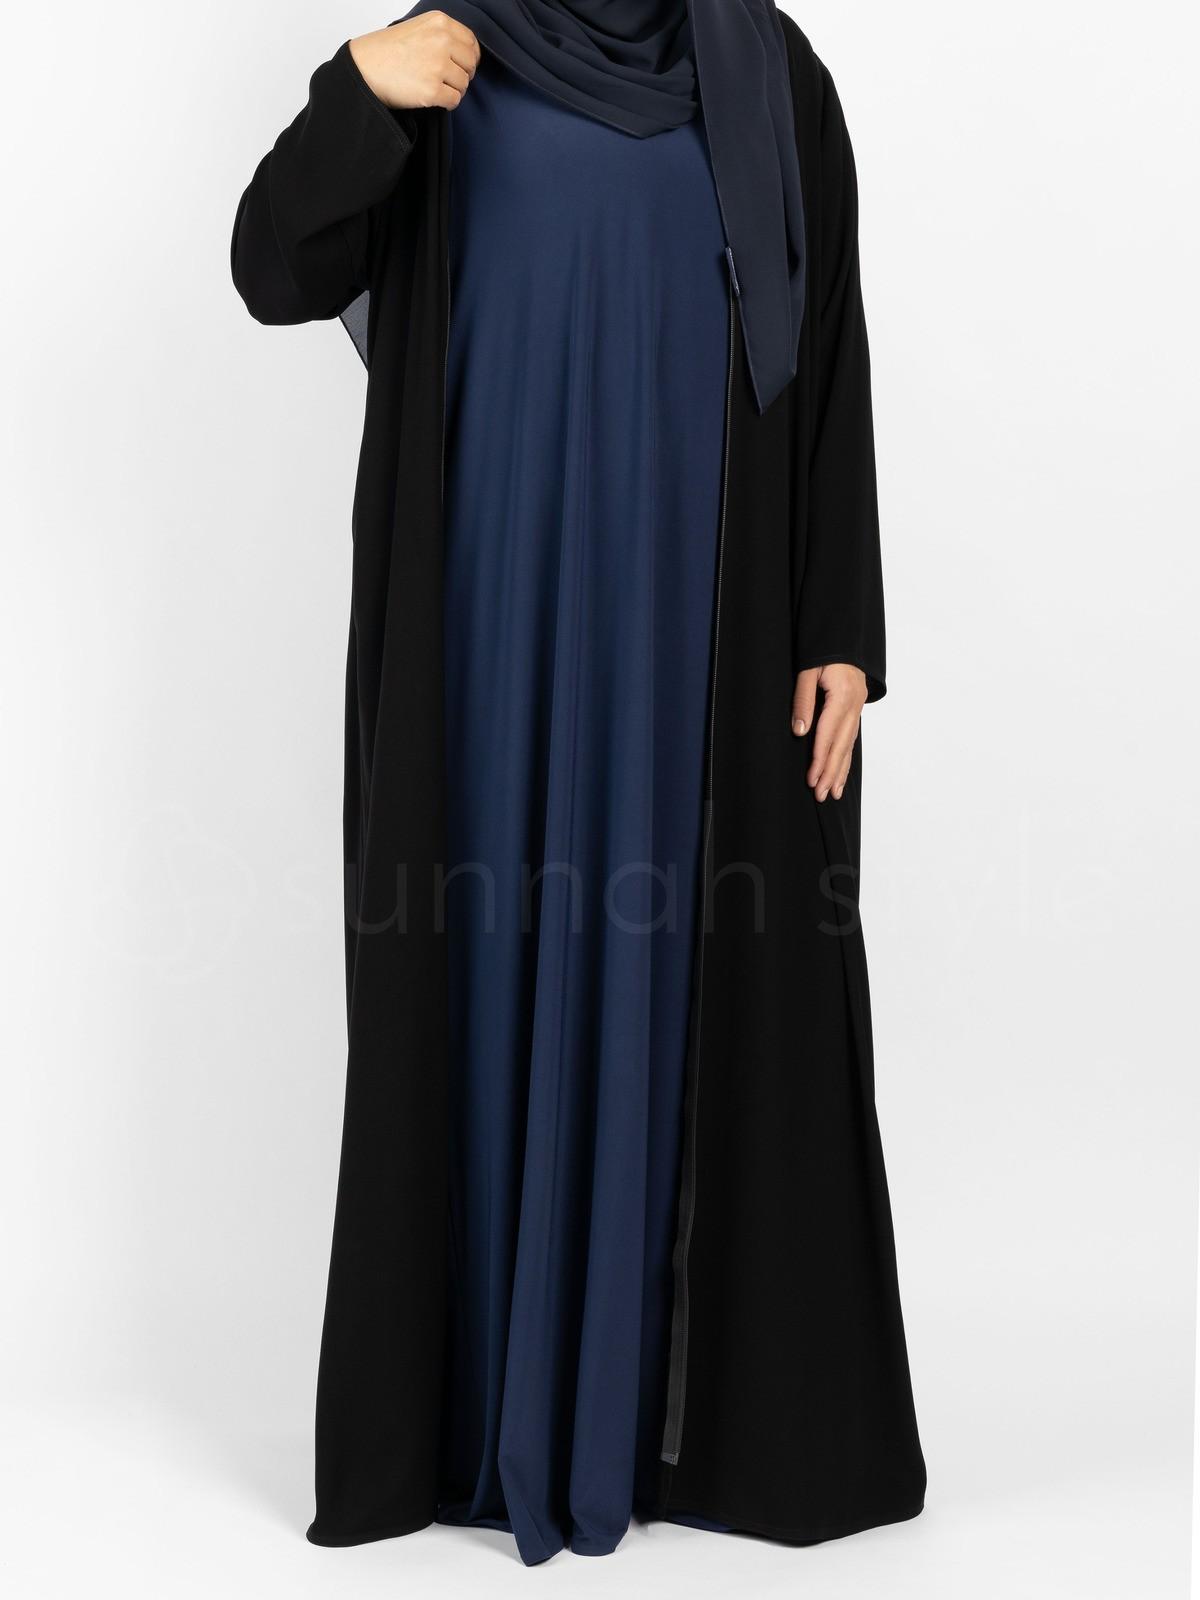 Sunnah Style - Sleeveless Jersey Abaya (Navy Blue)